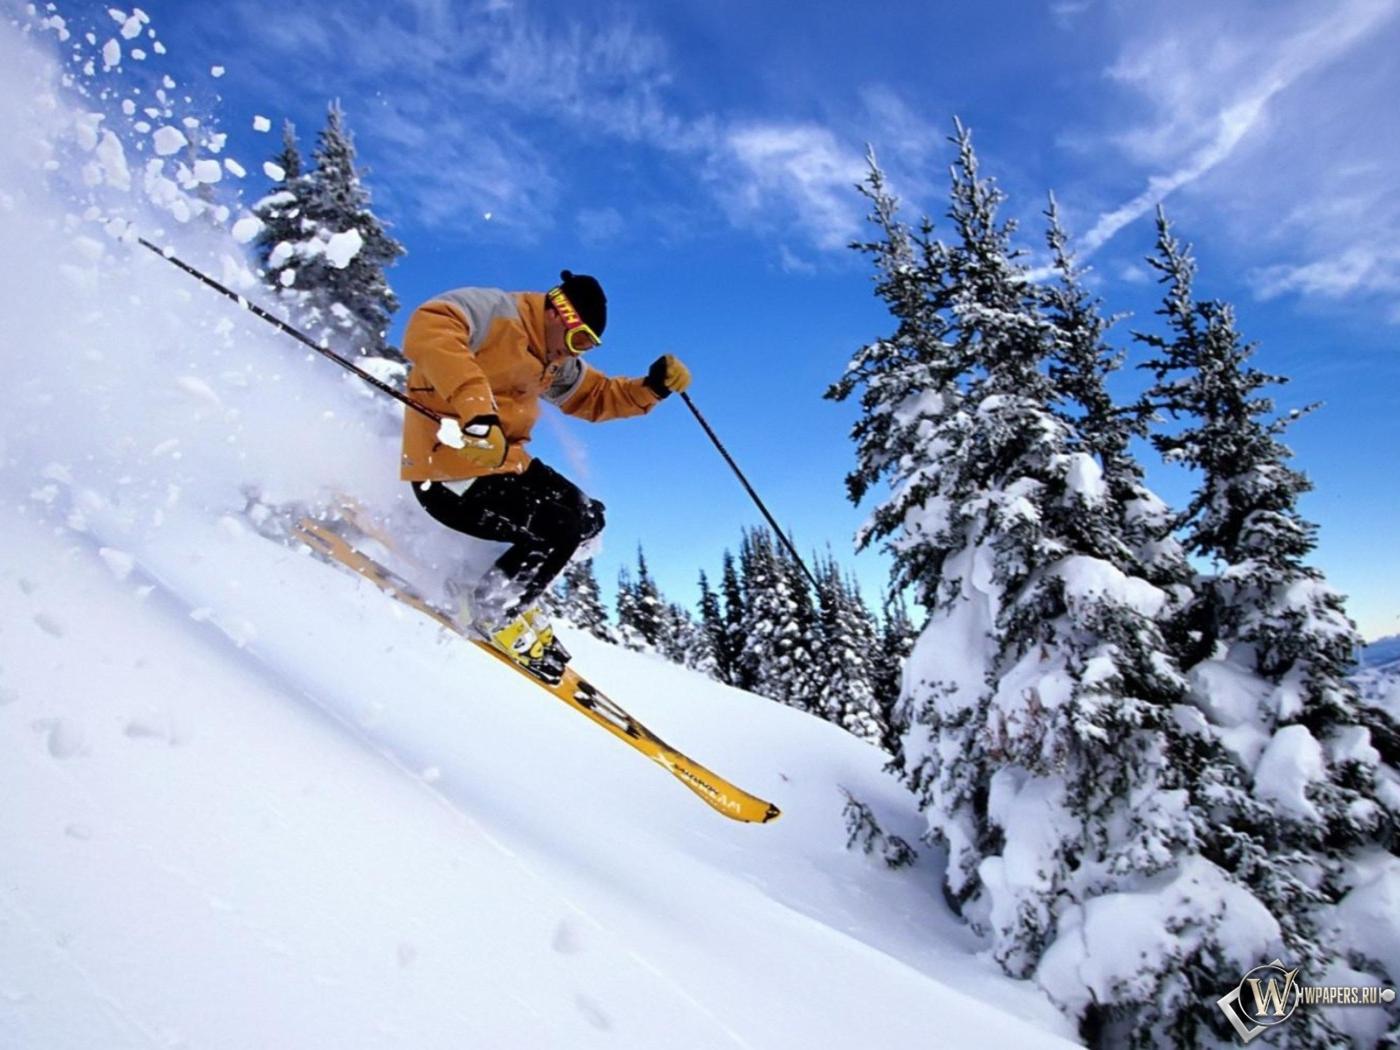 Обои спуск, Лыжи, лыжник. Спорт foto 11